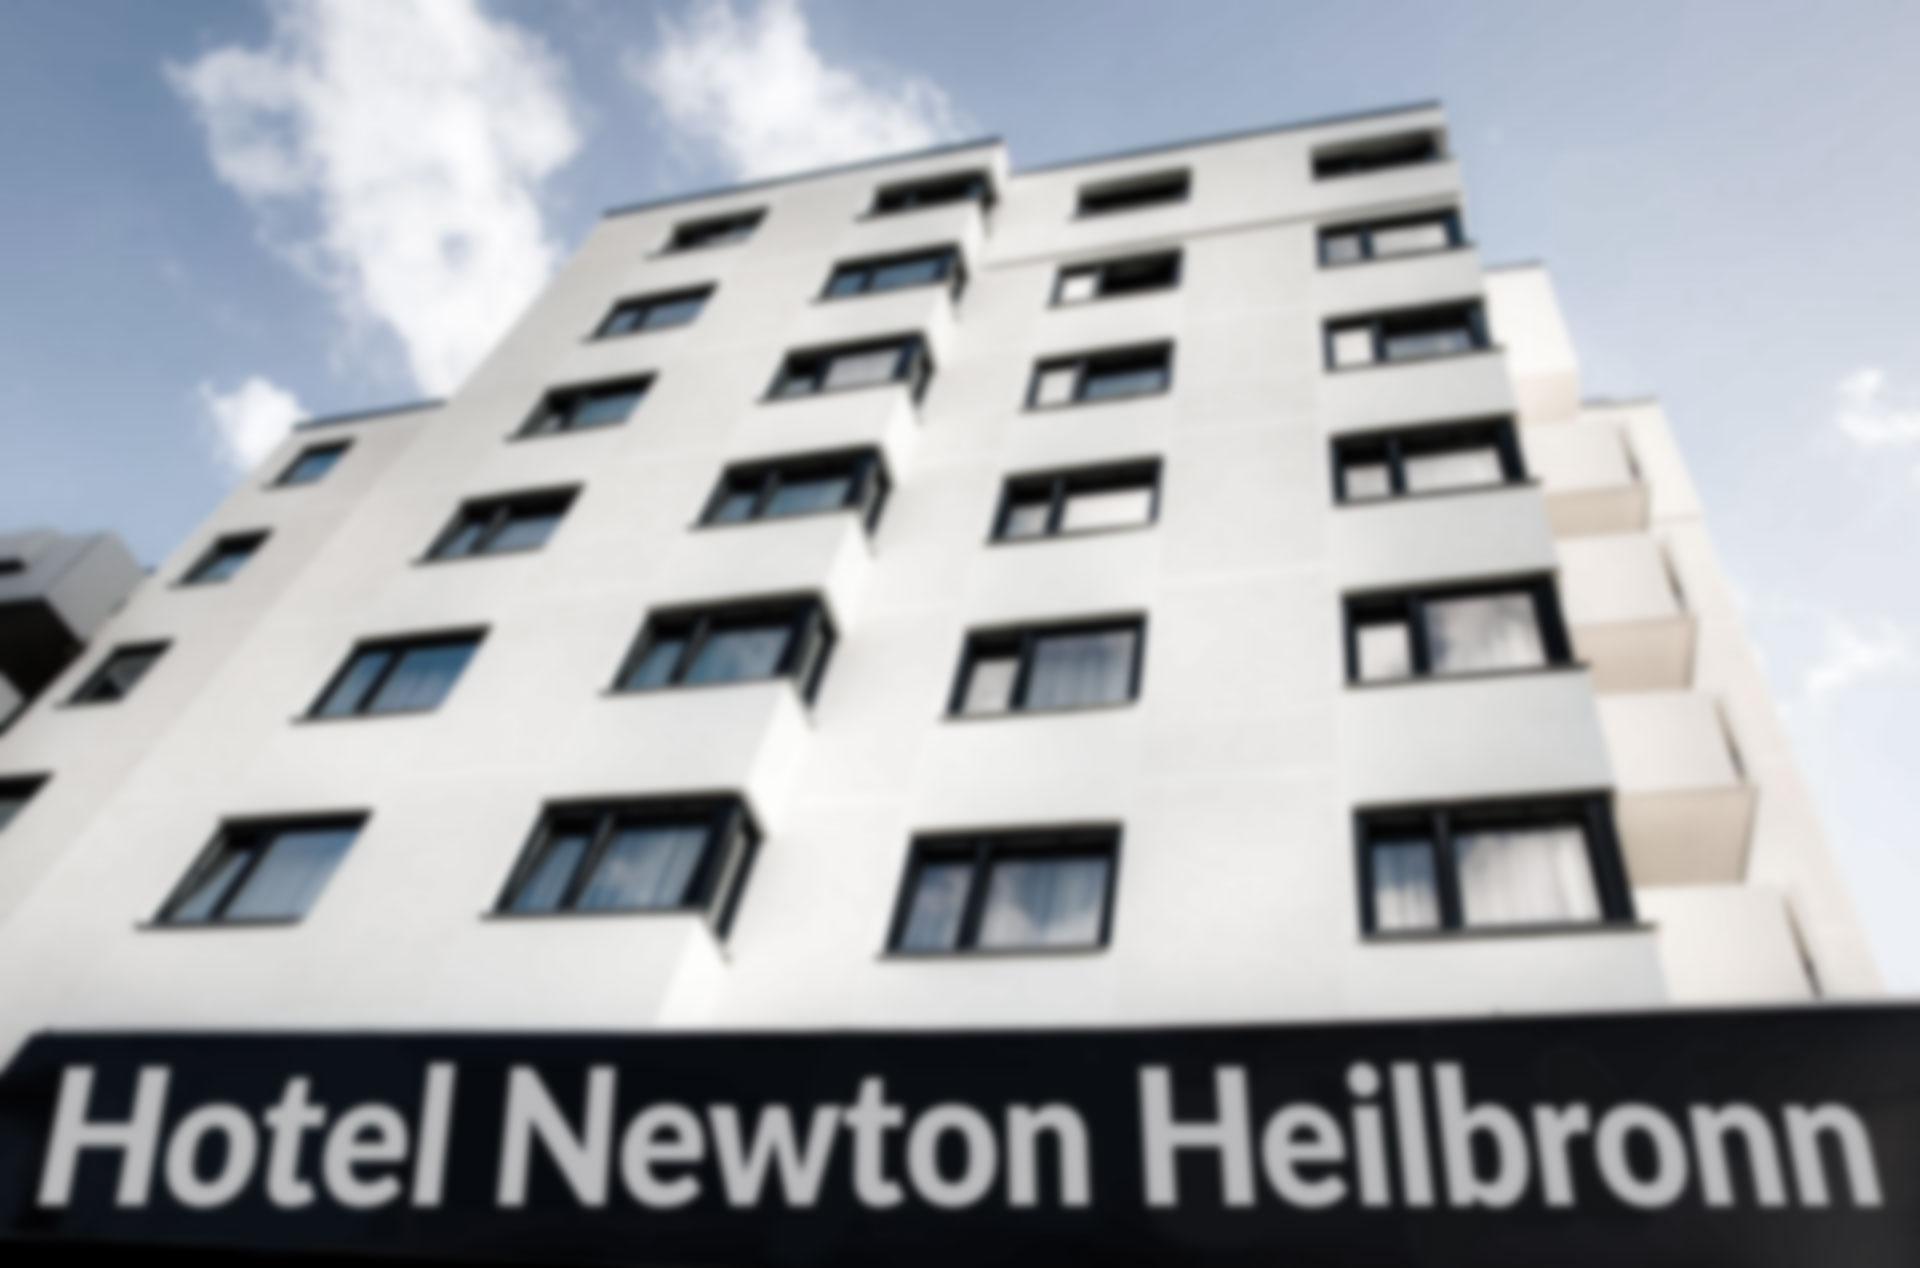 Hotel Newton Heilbronn Fassade